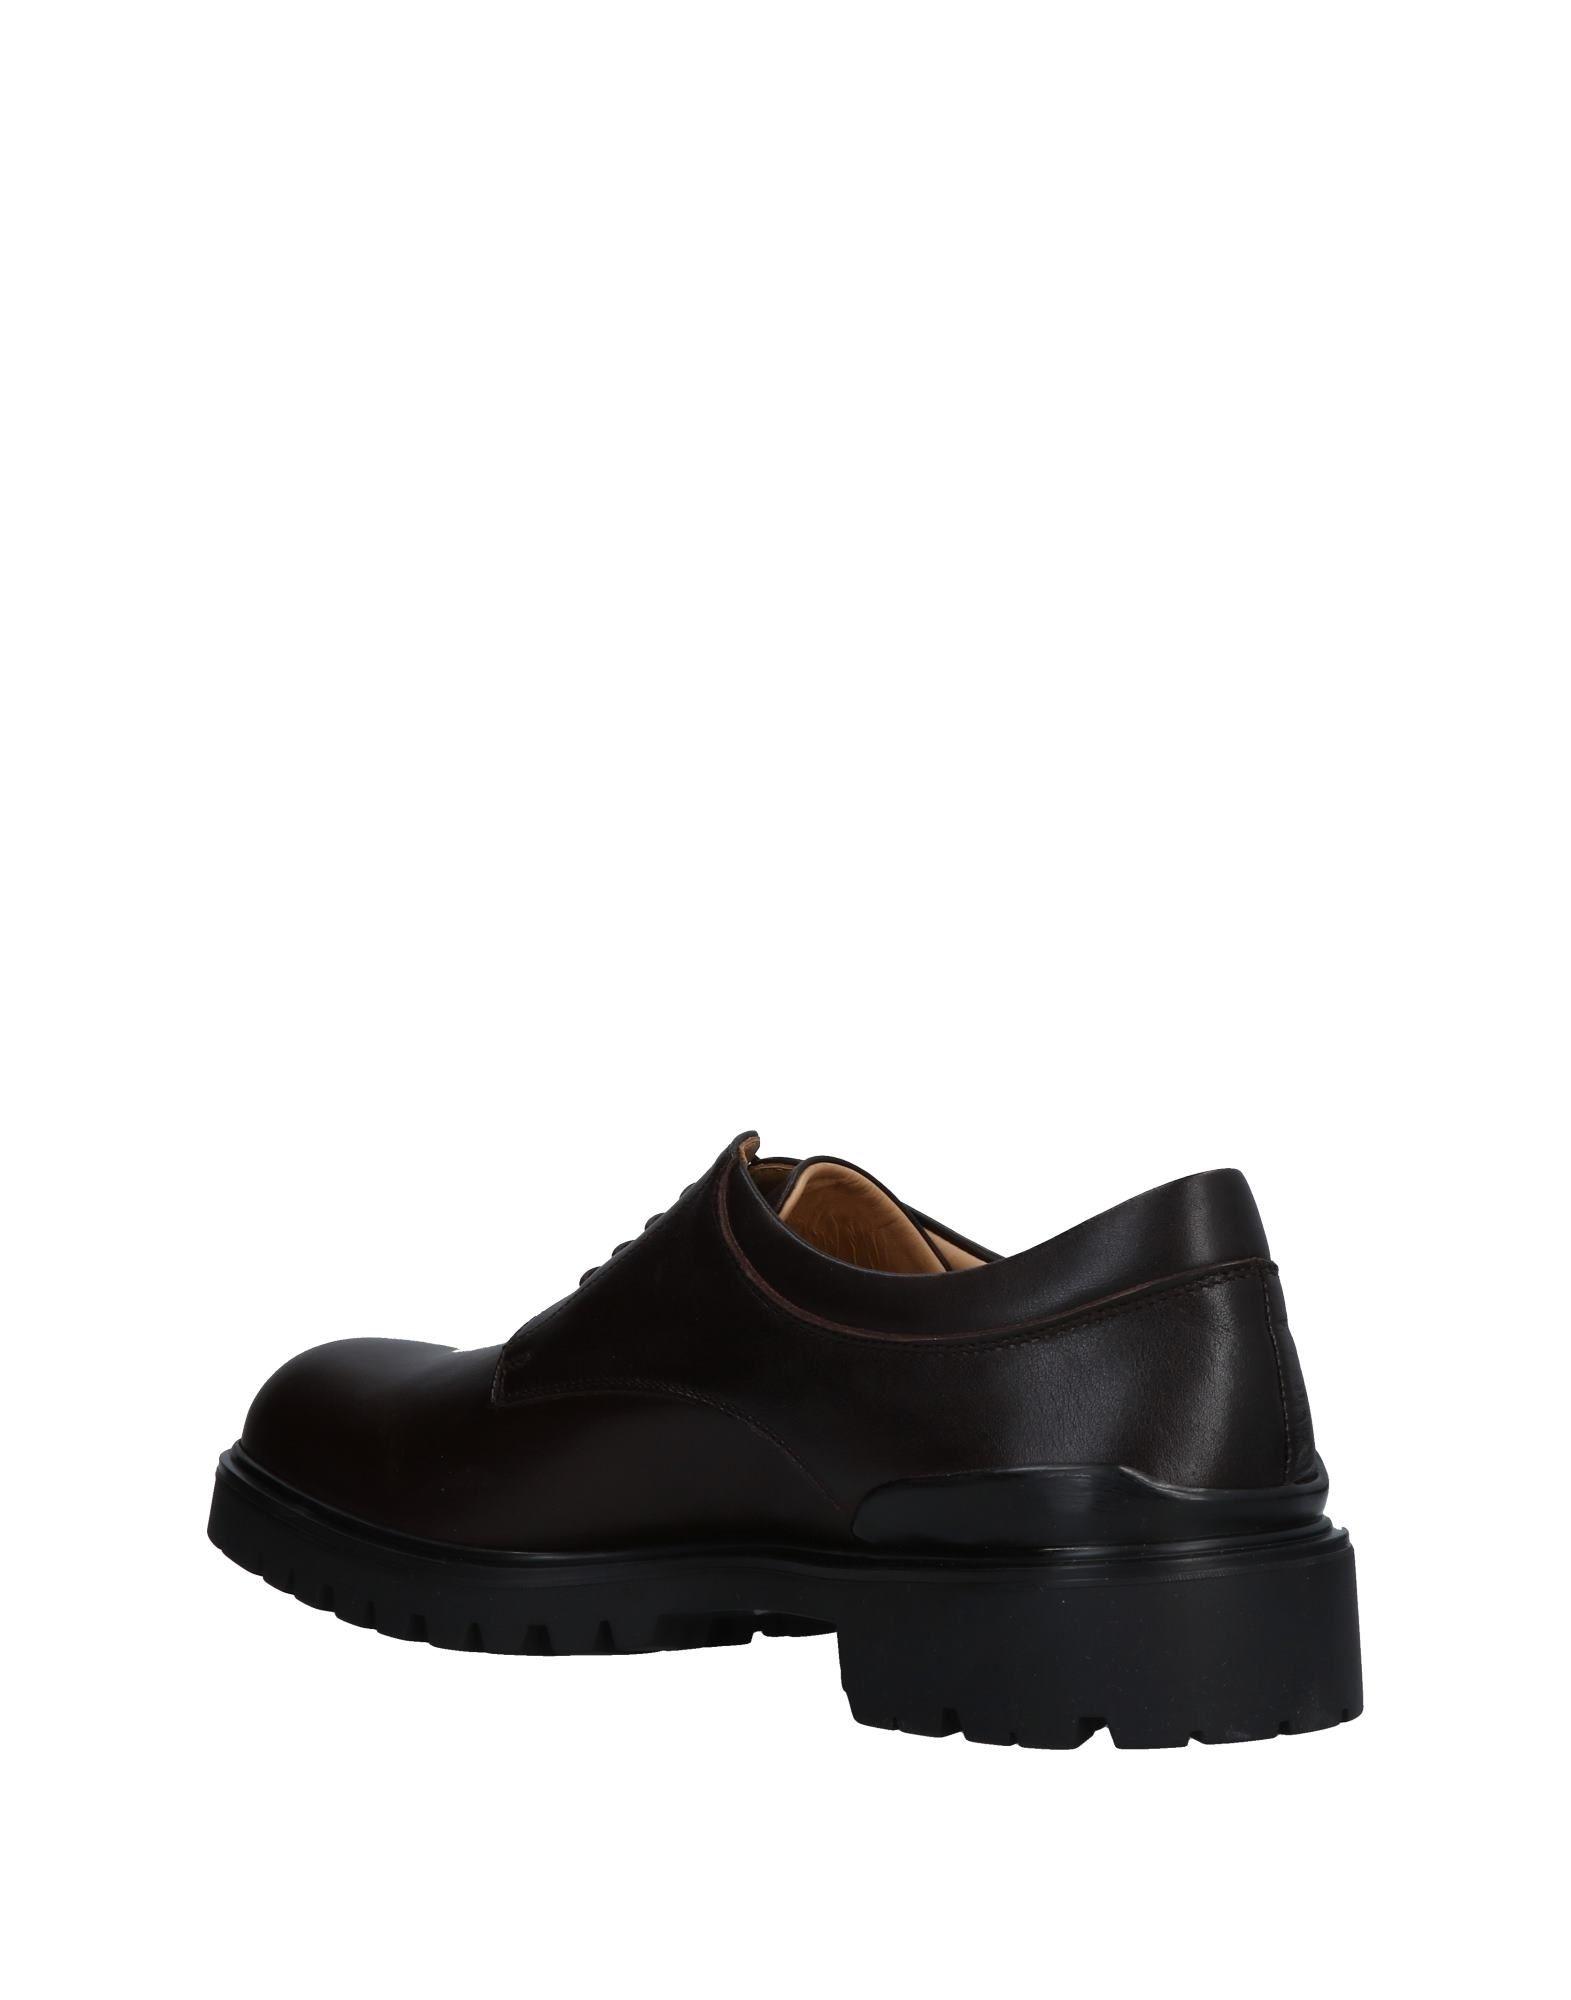 Giovanni Conti Schnürschuhe Herren  11471461VH Gute Qualität beliebte Schuhe